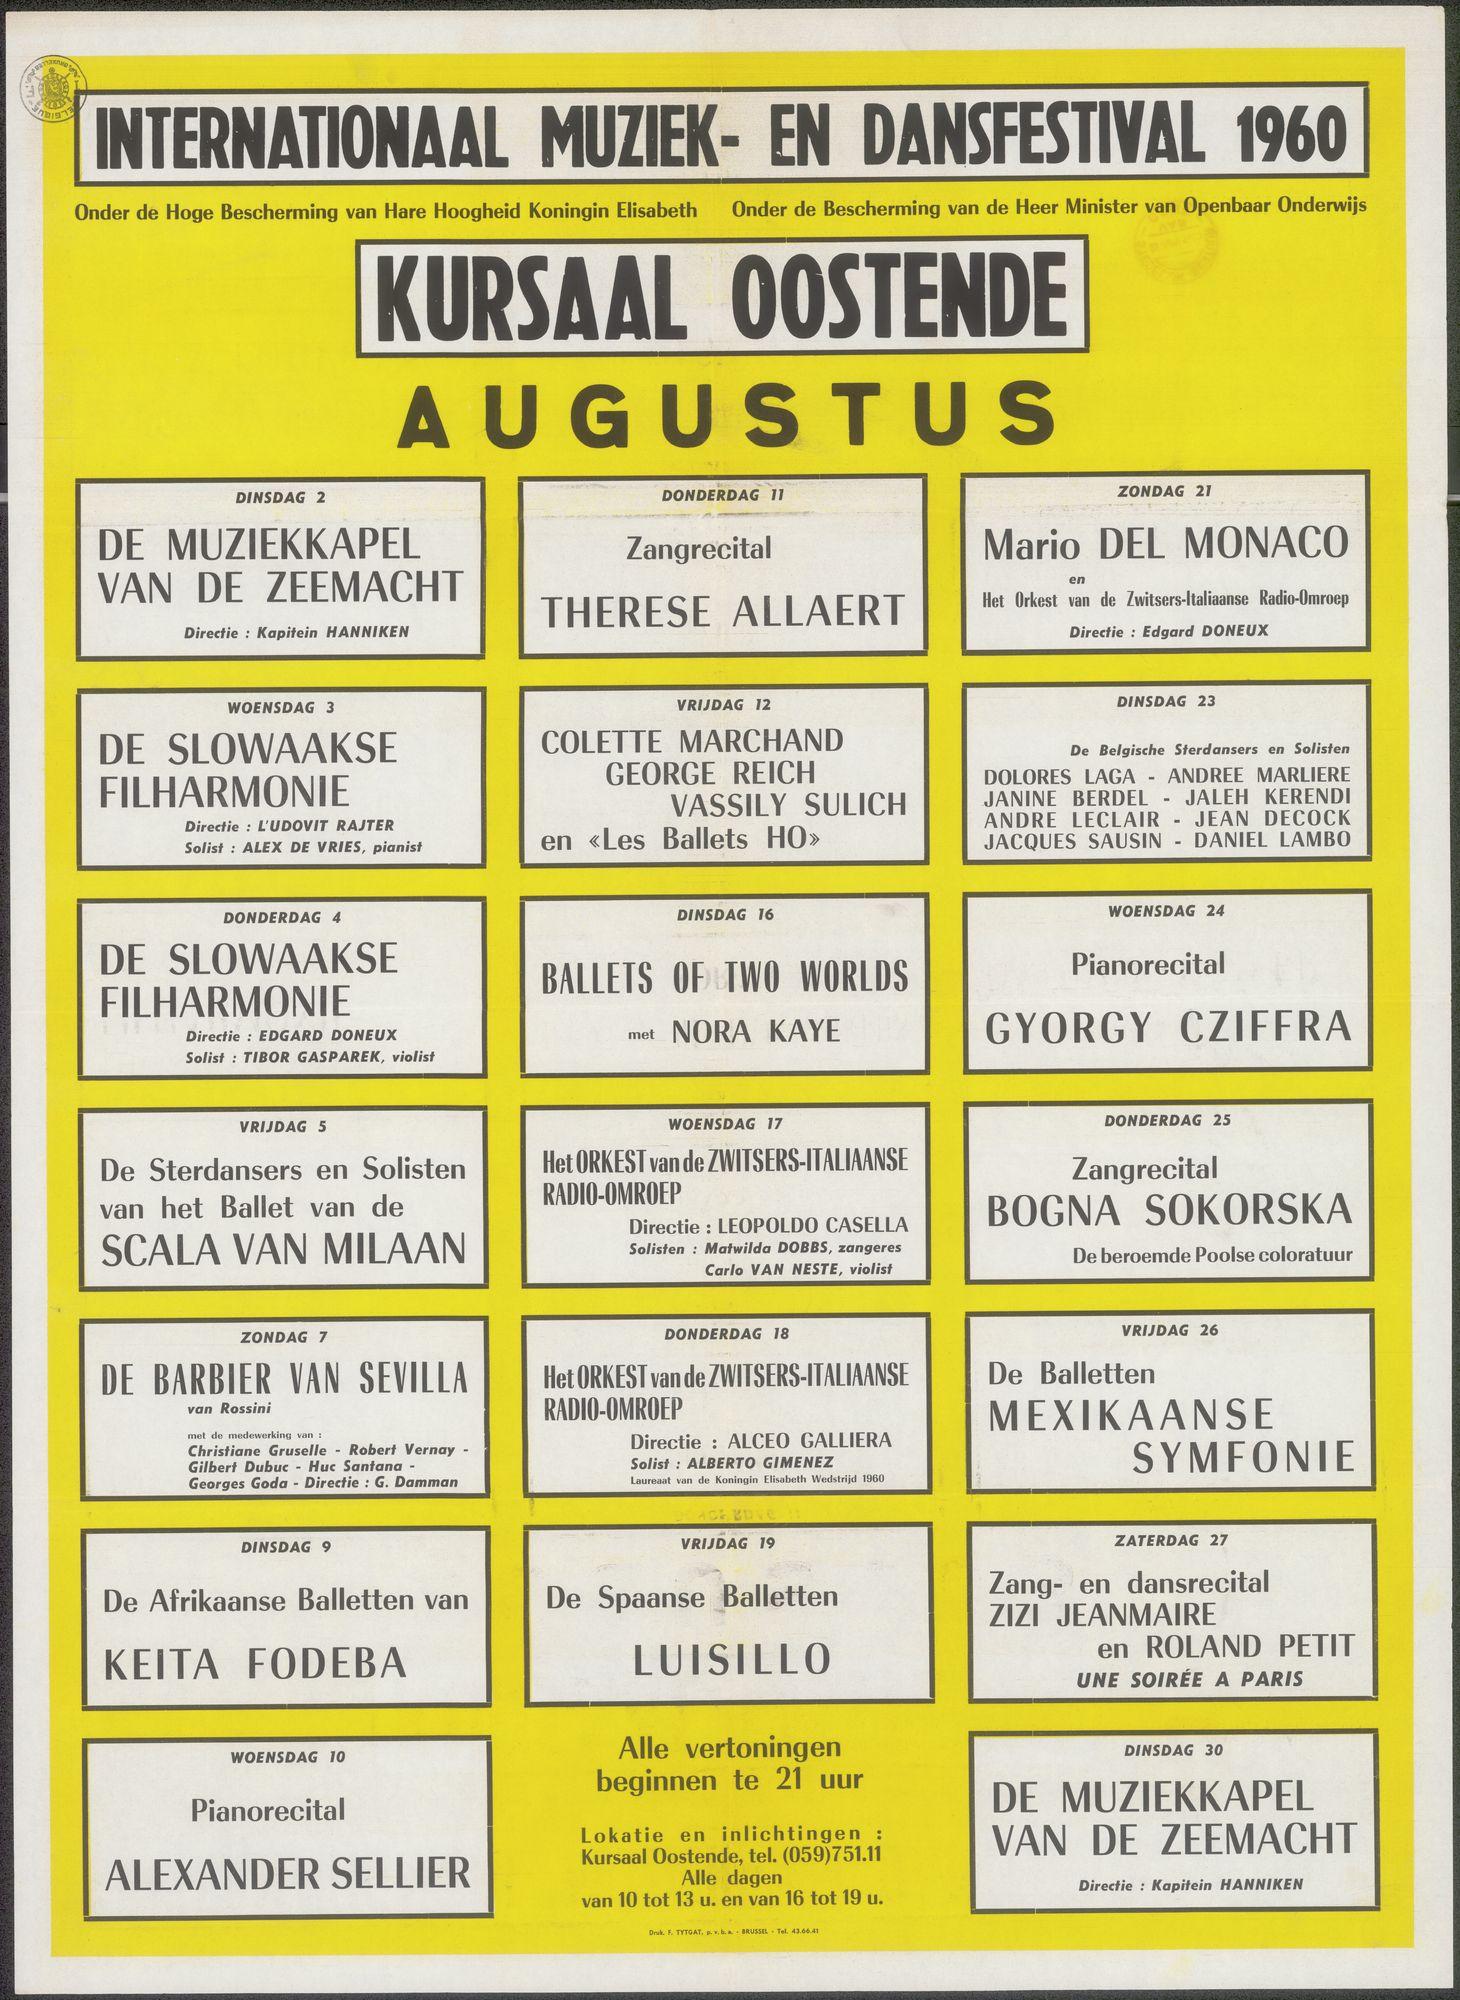 Internationaal Muziek- en Dansfestival 1960, Kursaal Oostende,  augustus 1960